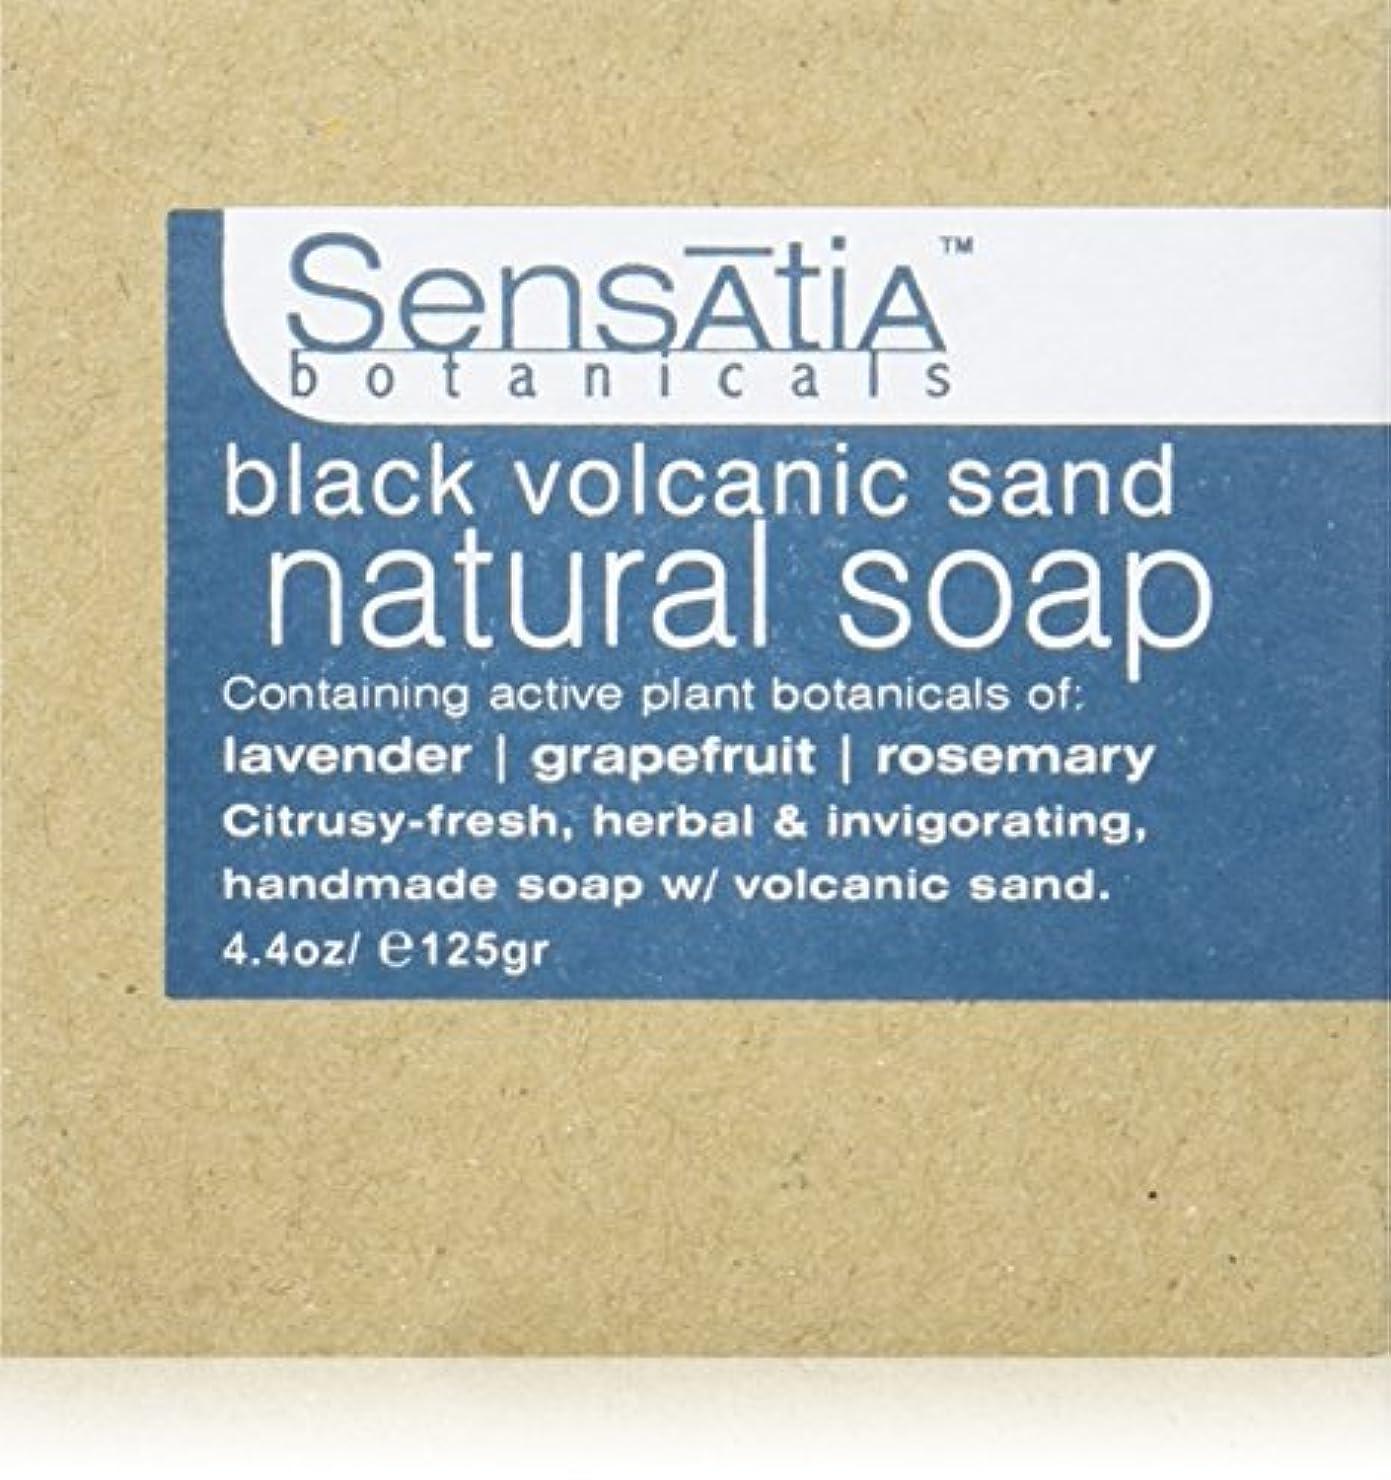 洞察力のある威信社交的Sensatia(センセイシャ) フレーバーソープ ブラックボルカニックサンド 125g